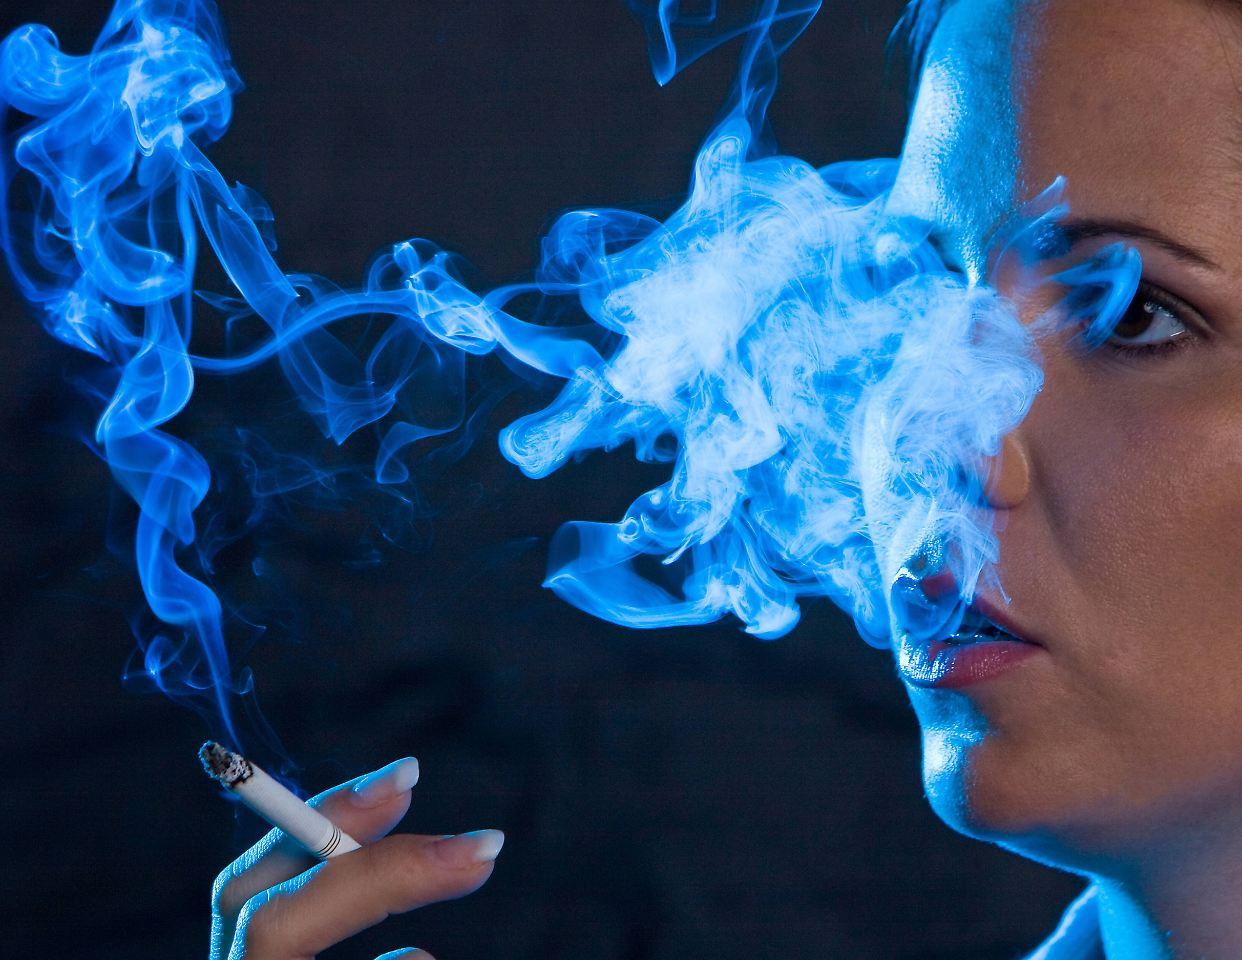 weltweite tabakstudie deutschland raucht sich unter die top ten n. Black Bedroom Furniture Sets. Home Design Ideas